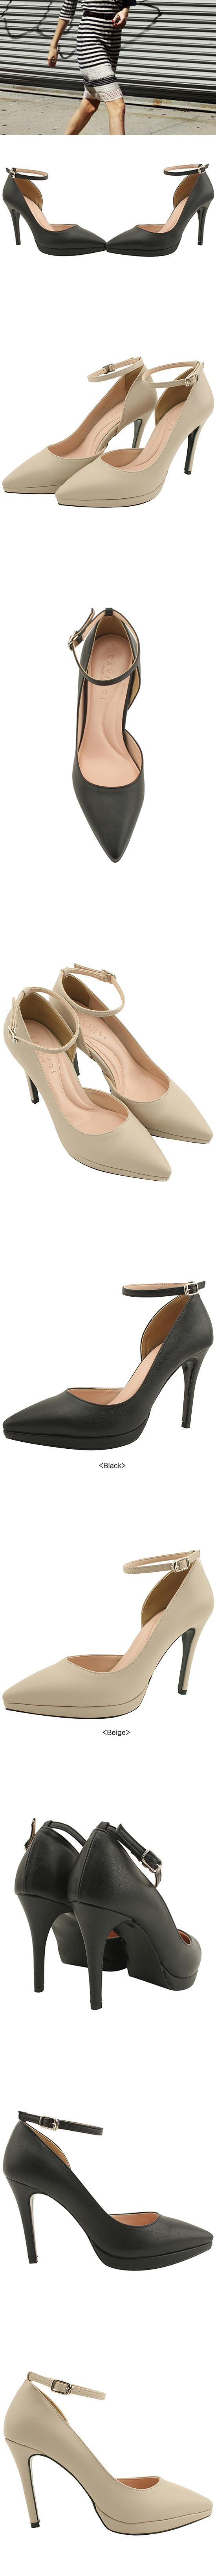 Strap heels stiletto high heels black